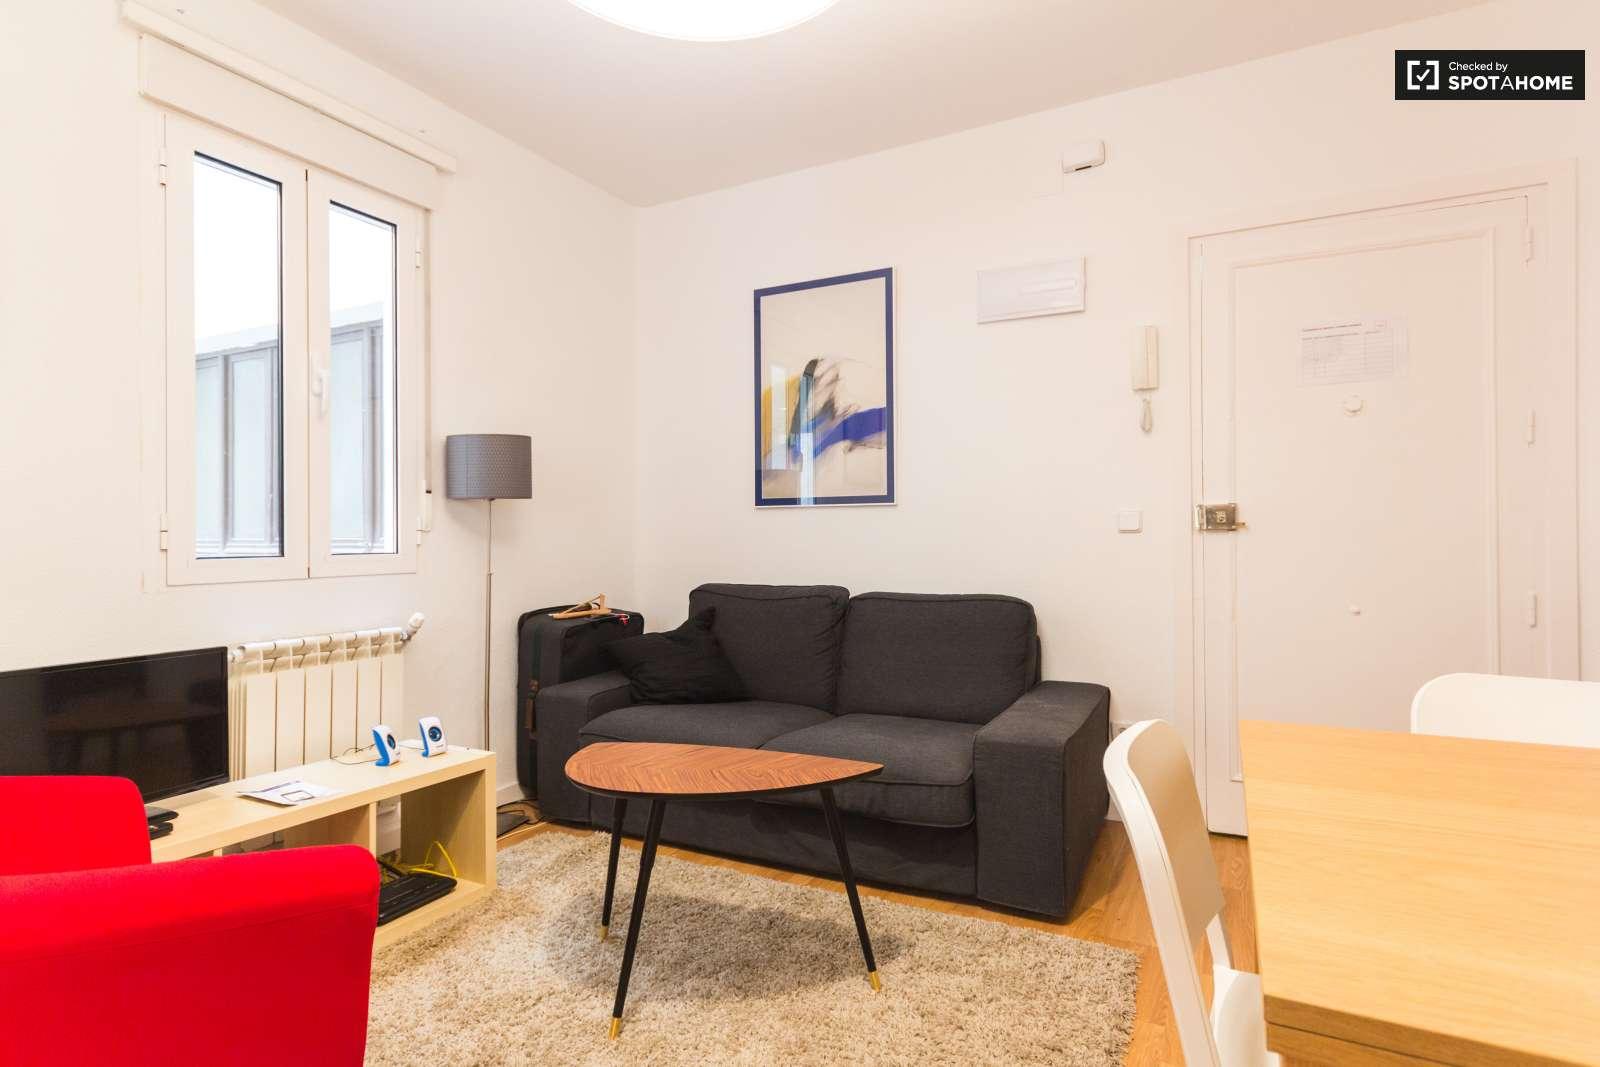 Moderno piso de 3 habitaciones con calefacci n central en - Pisos modernos madrid ...